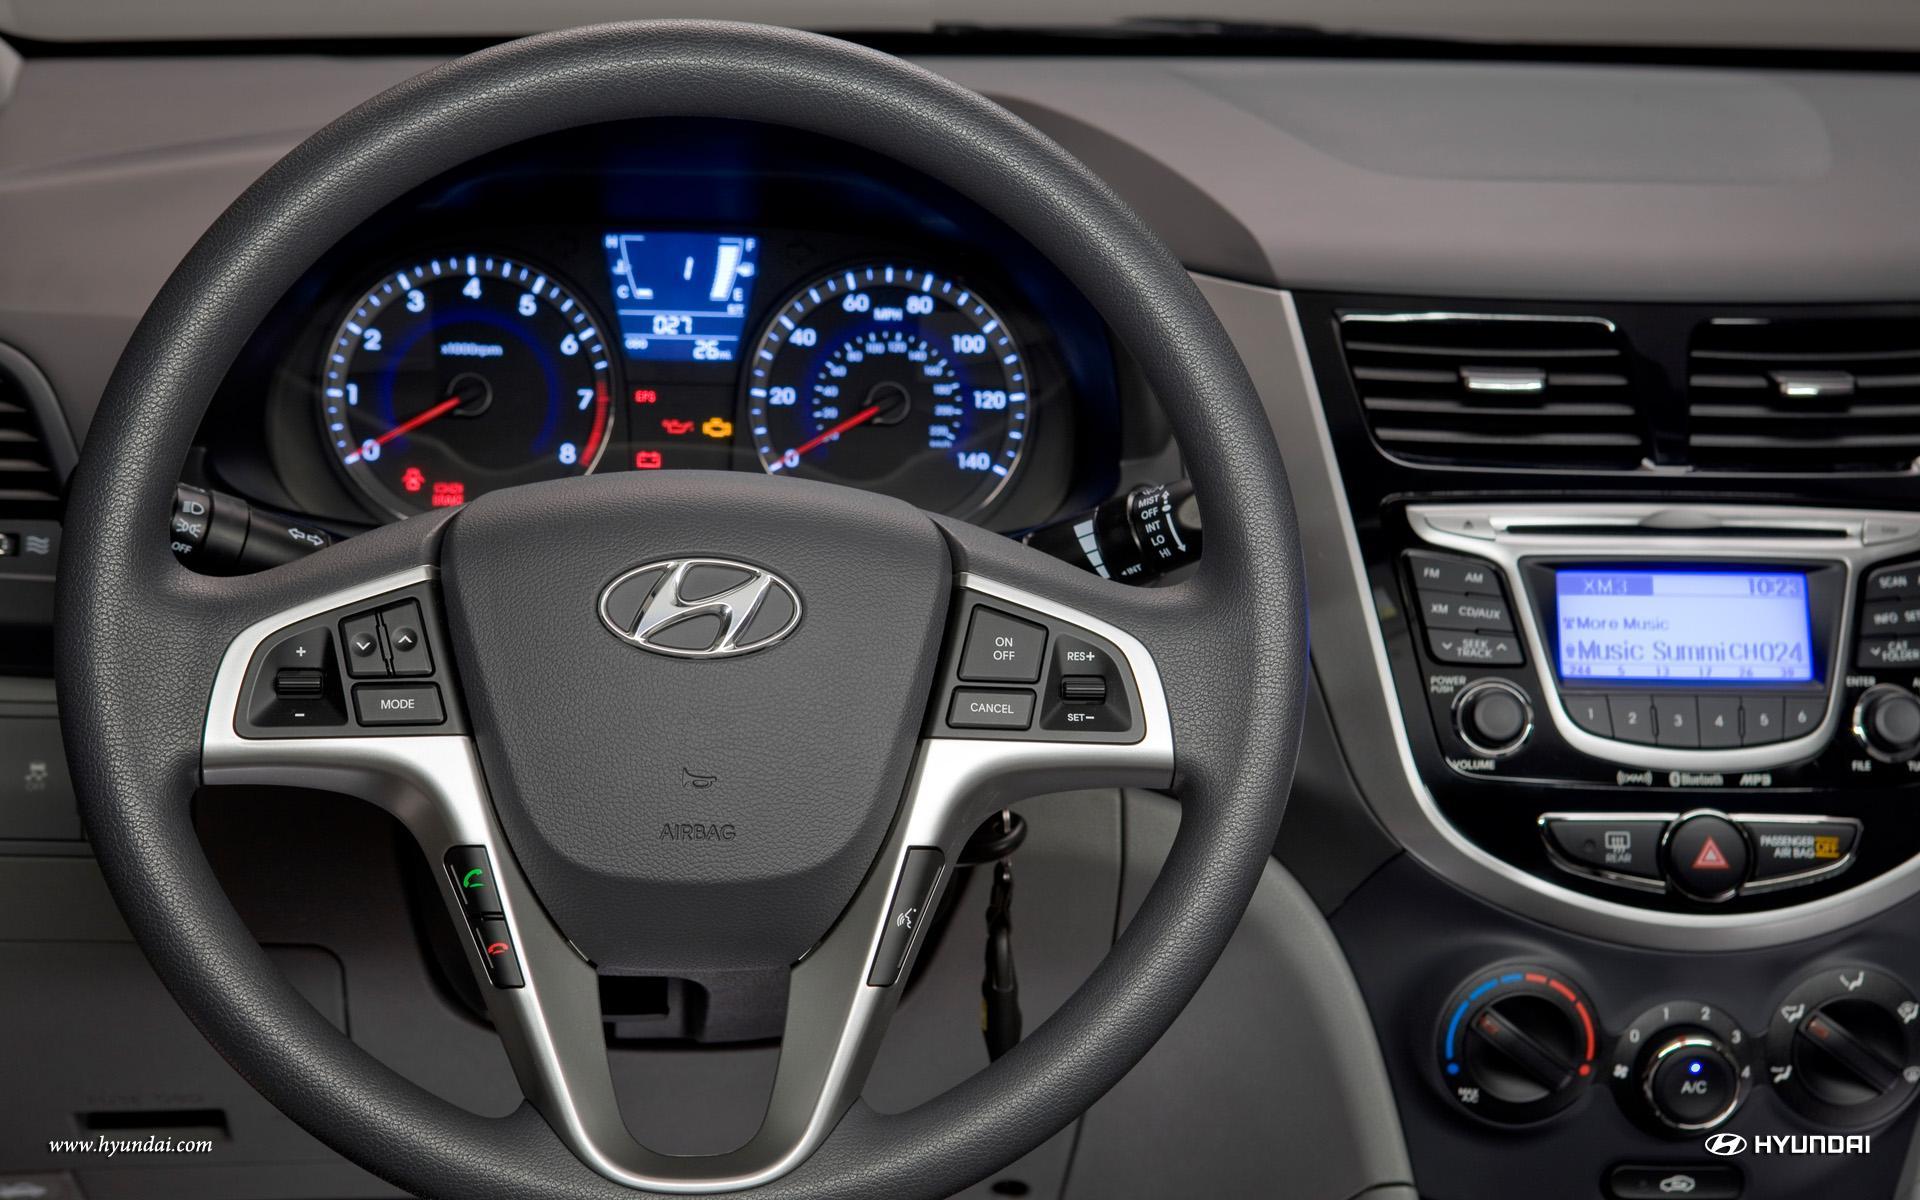 2013 Hyundai Accent #6 Hyundai Accent #6